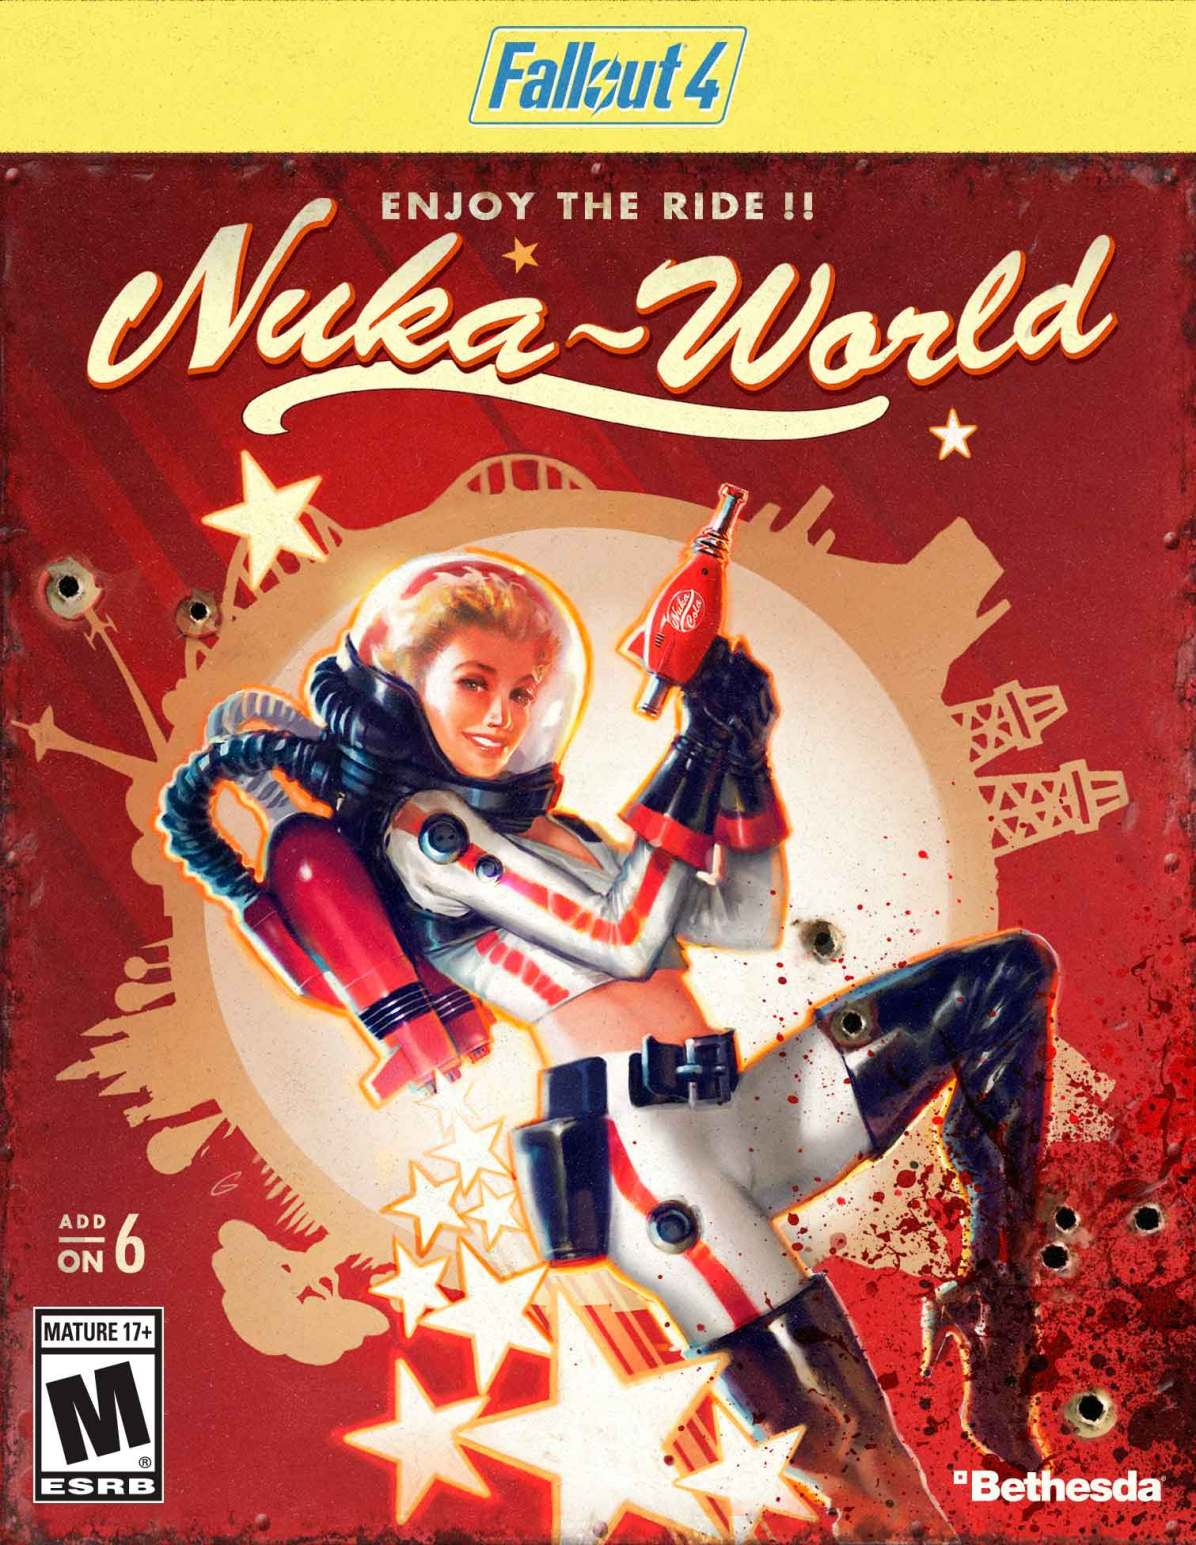 Fallout 4 - Nuka-World cover